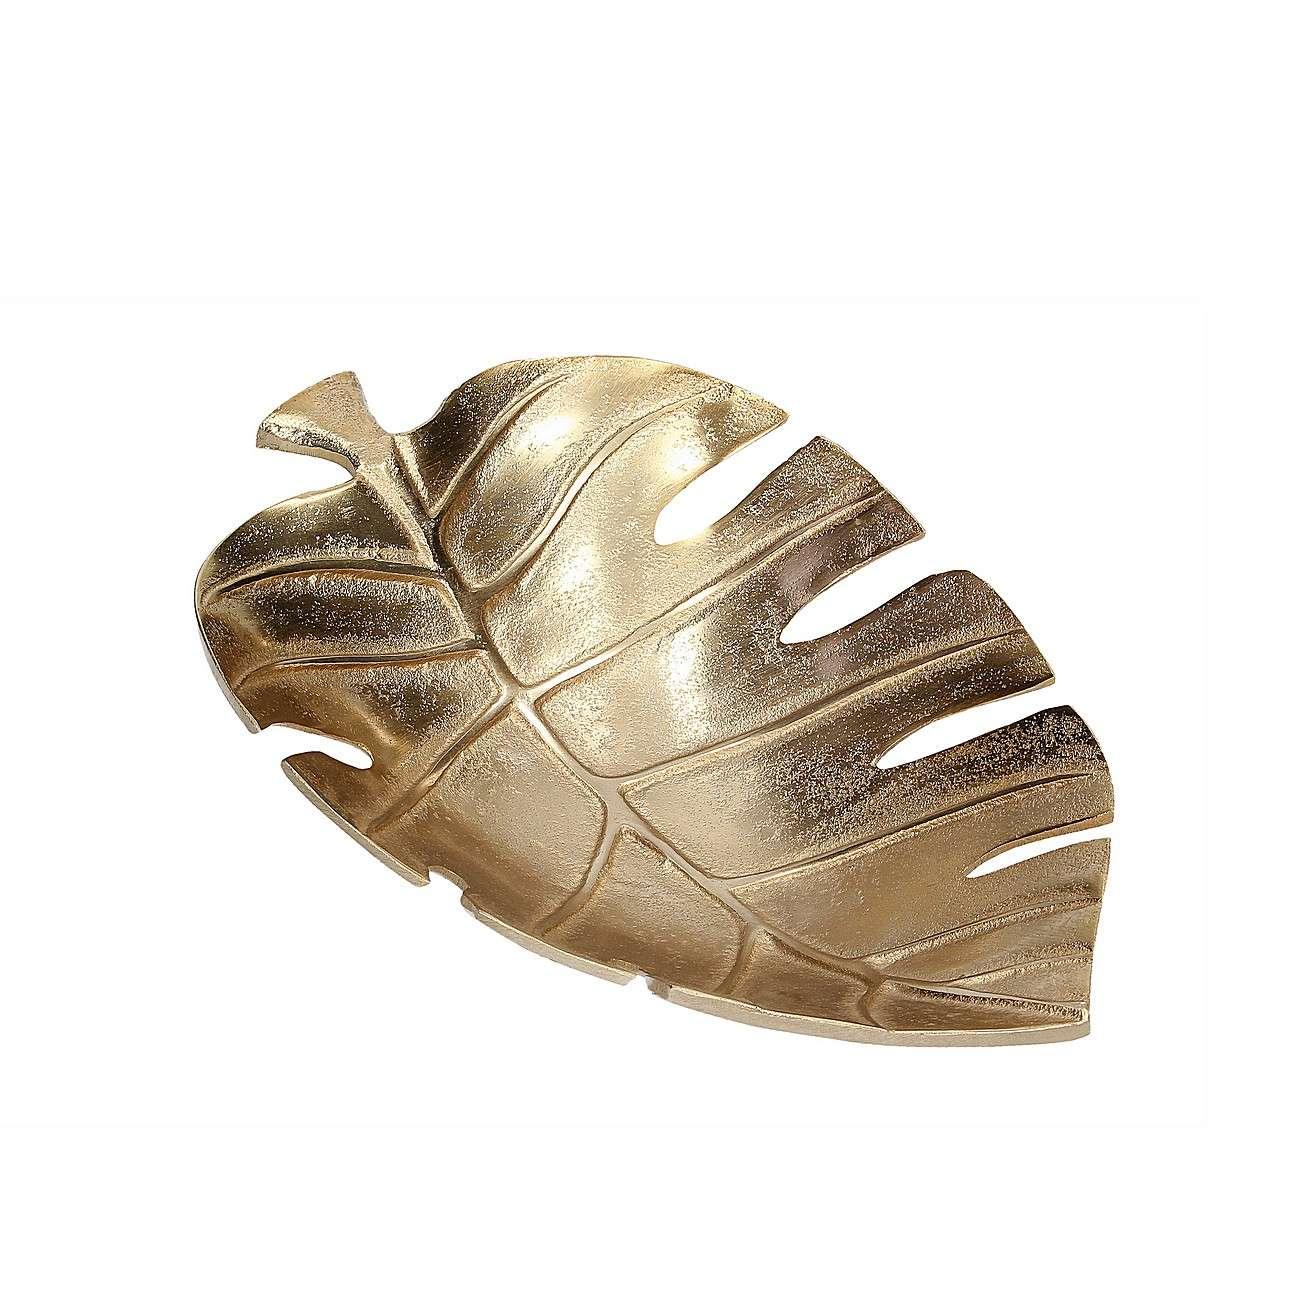 Schale Monstera 30 cm, 30 cm  | Dekoration > Aufbewahrung und Ordnung | Gold | Metall | Dekoria